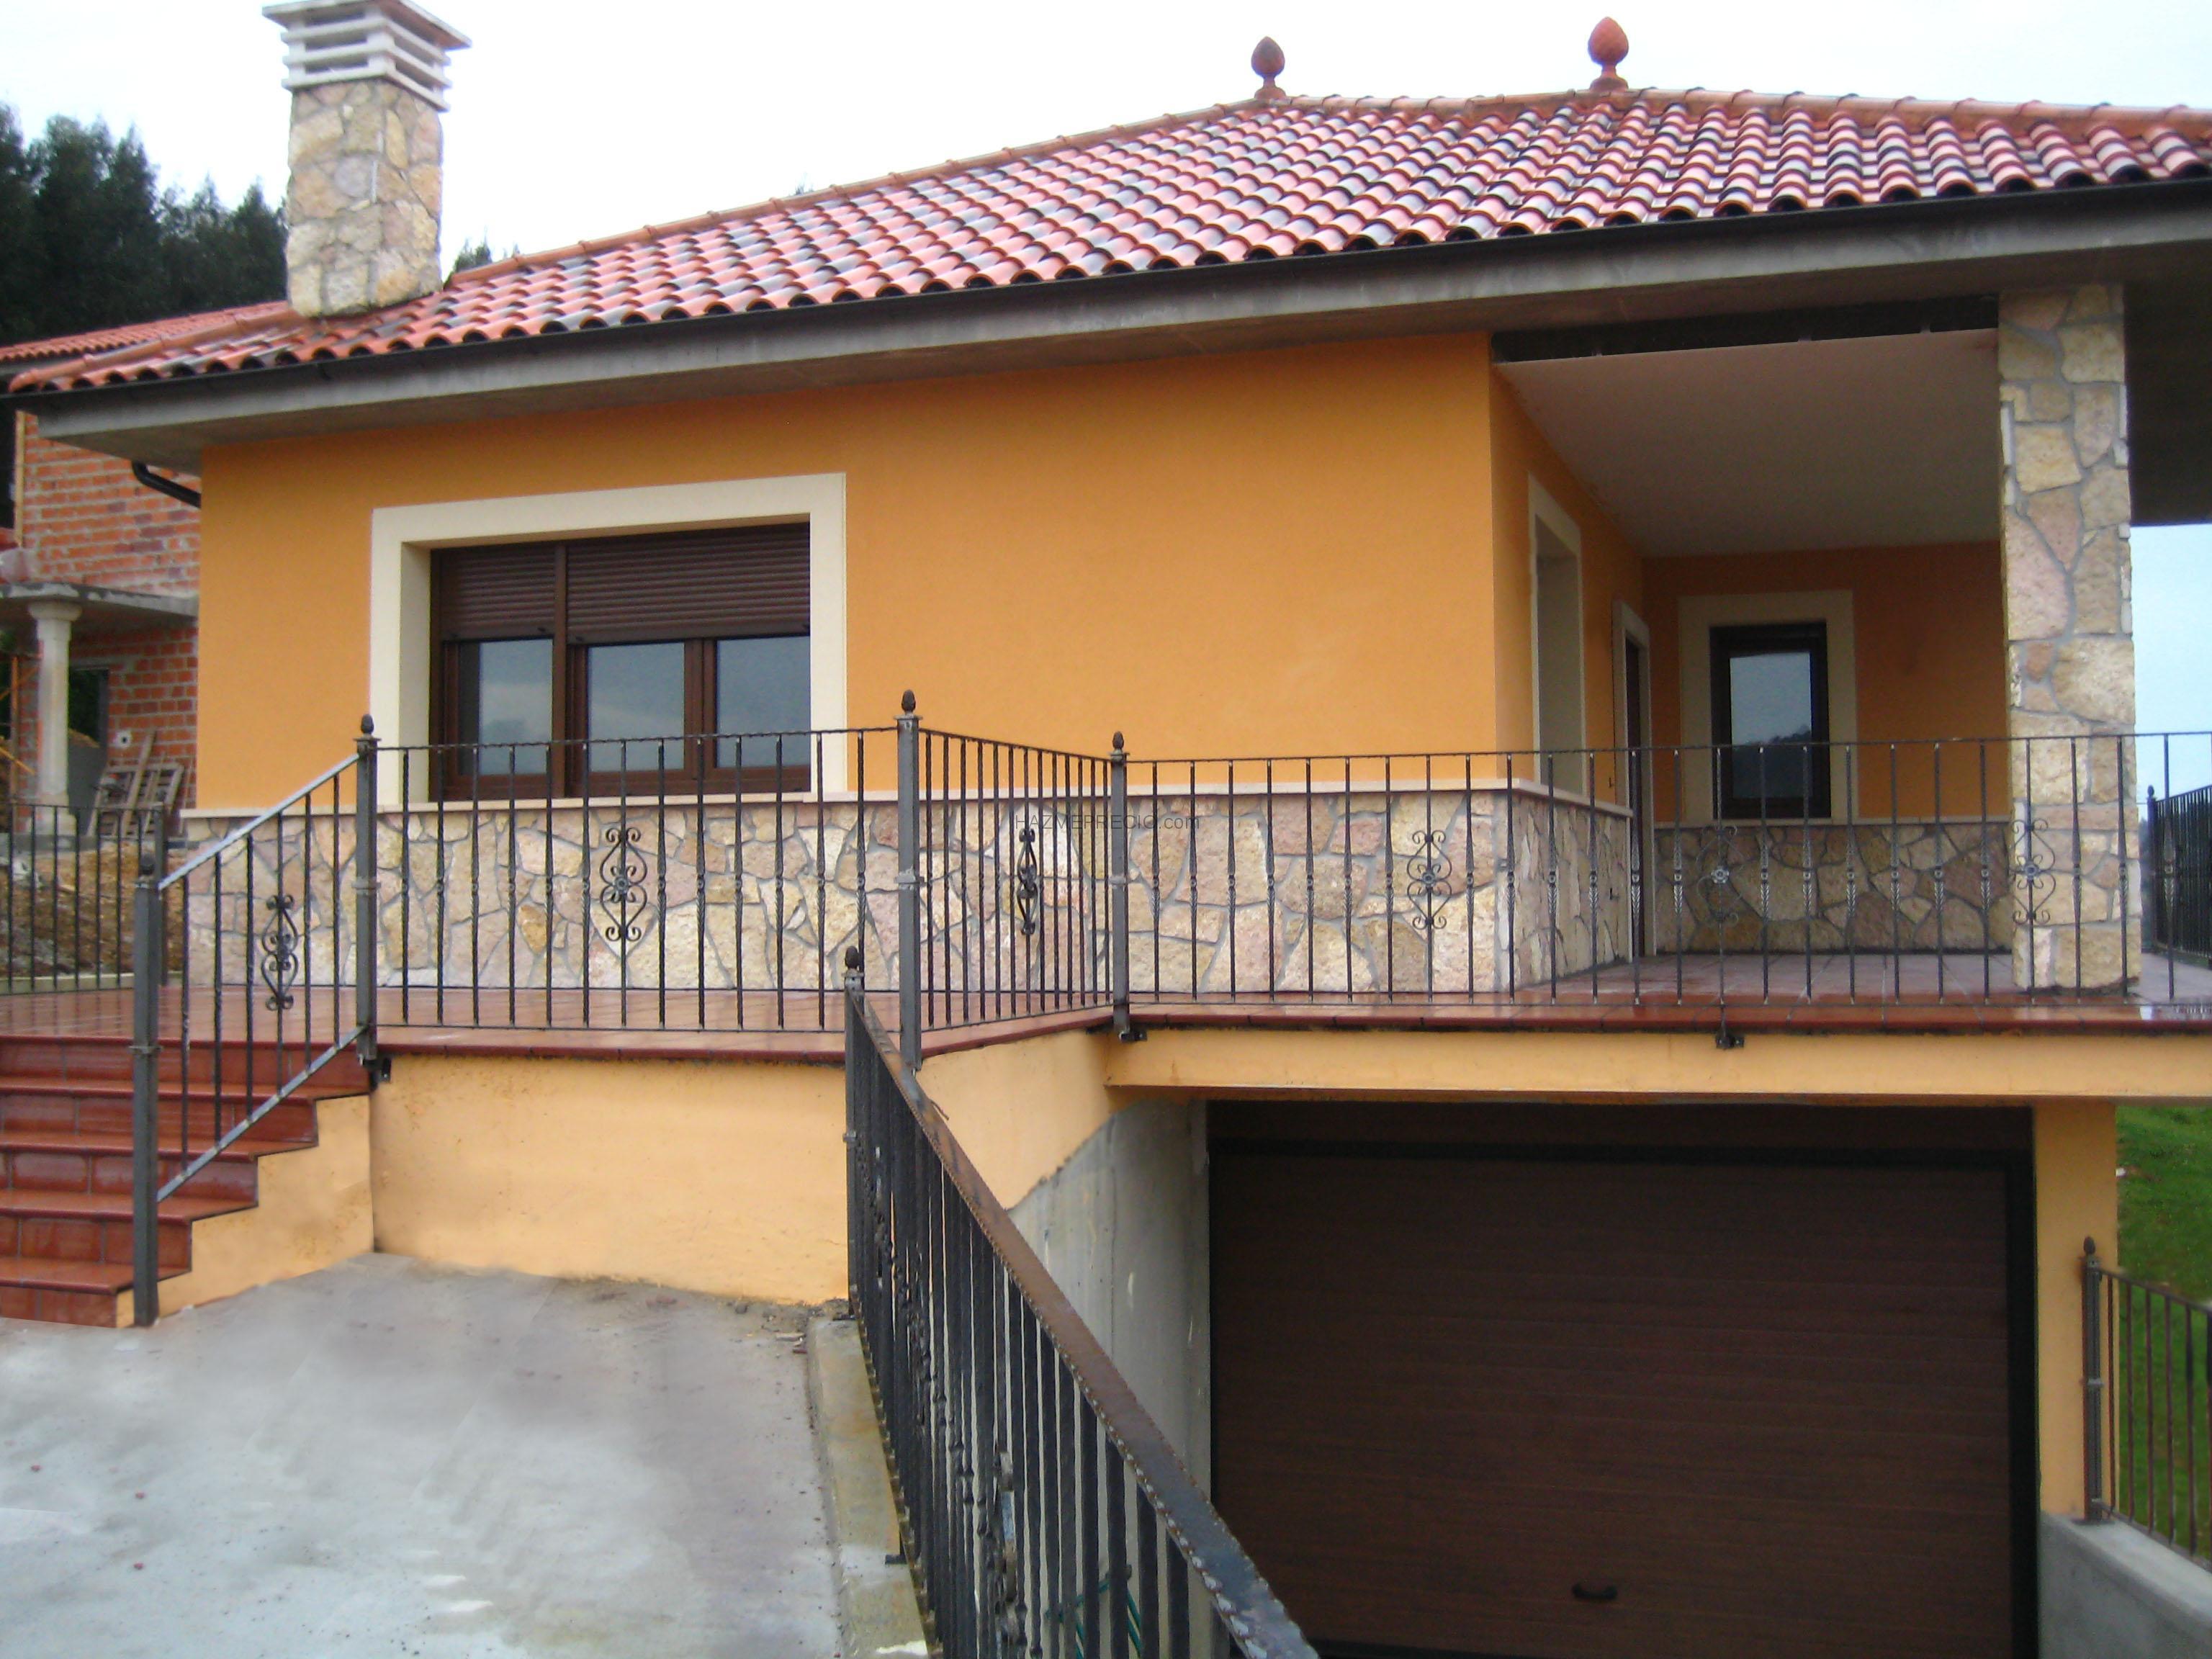 Astorga y garc a estudio de arquitectura 33207 gij n - Estudio arquitectura asturias ...